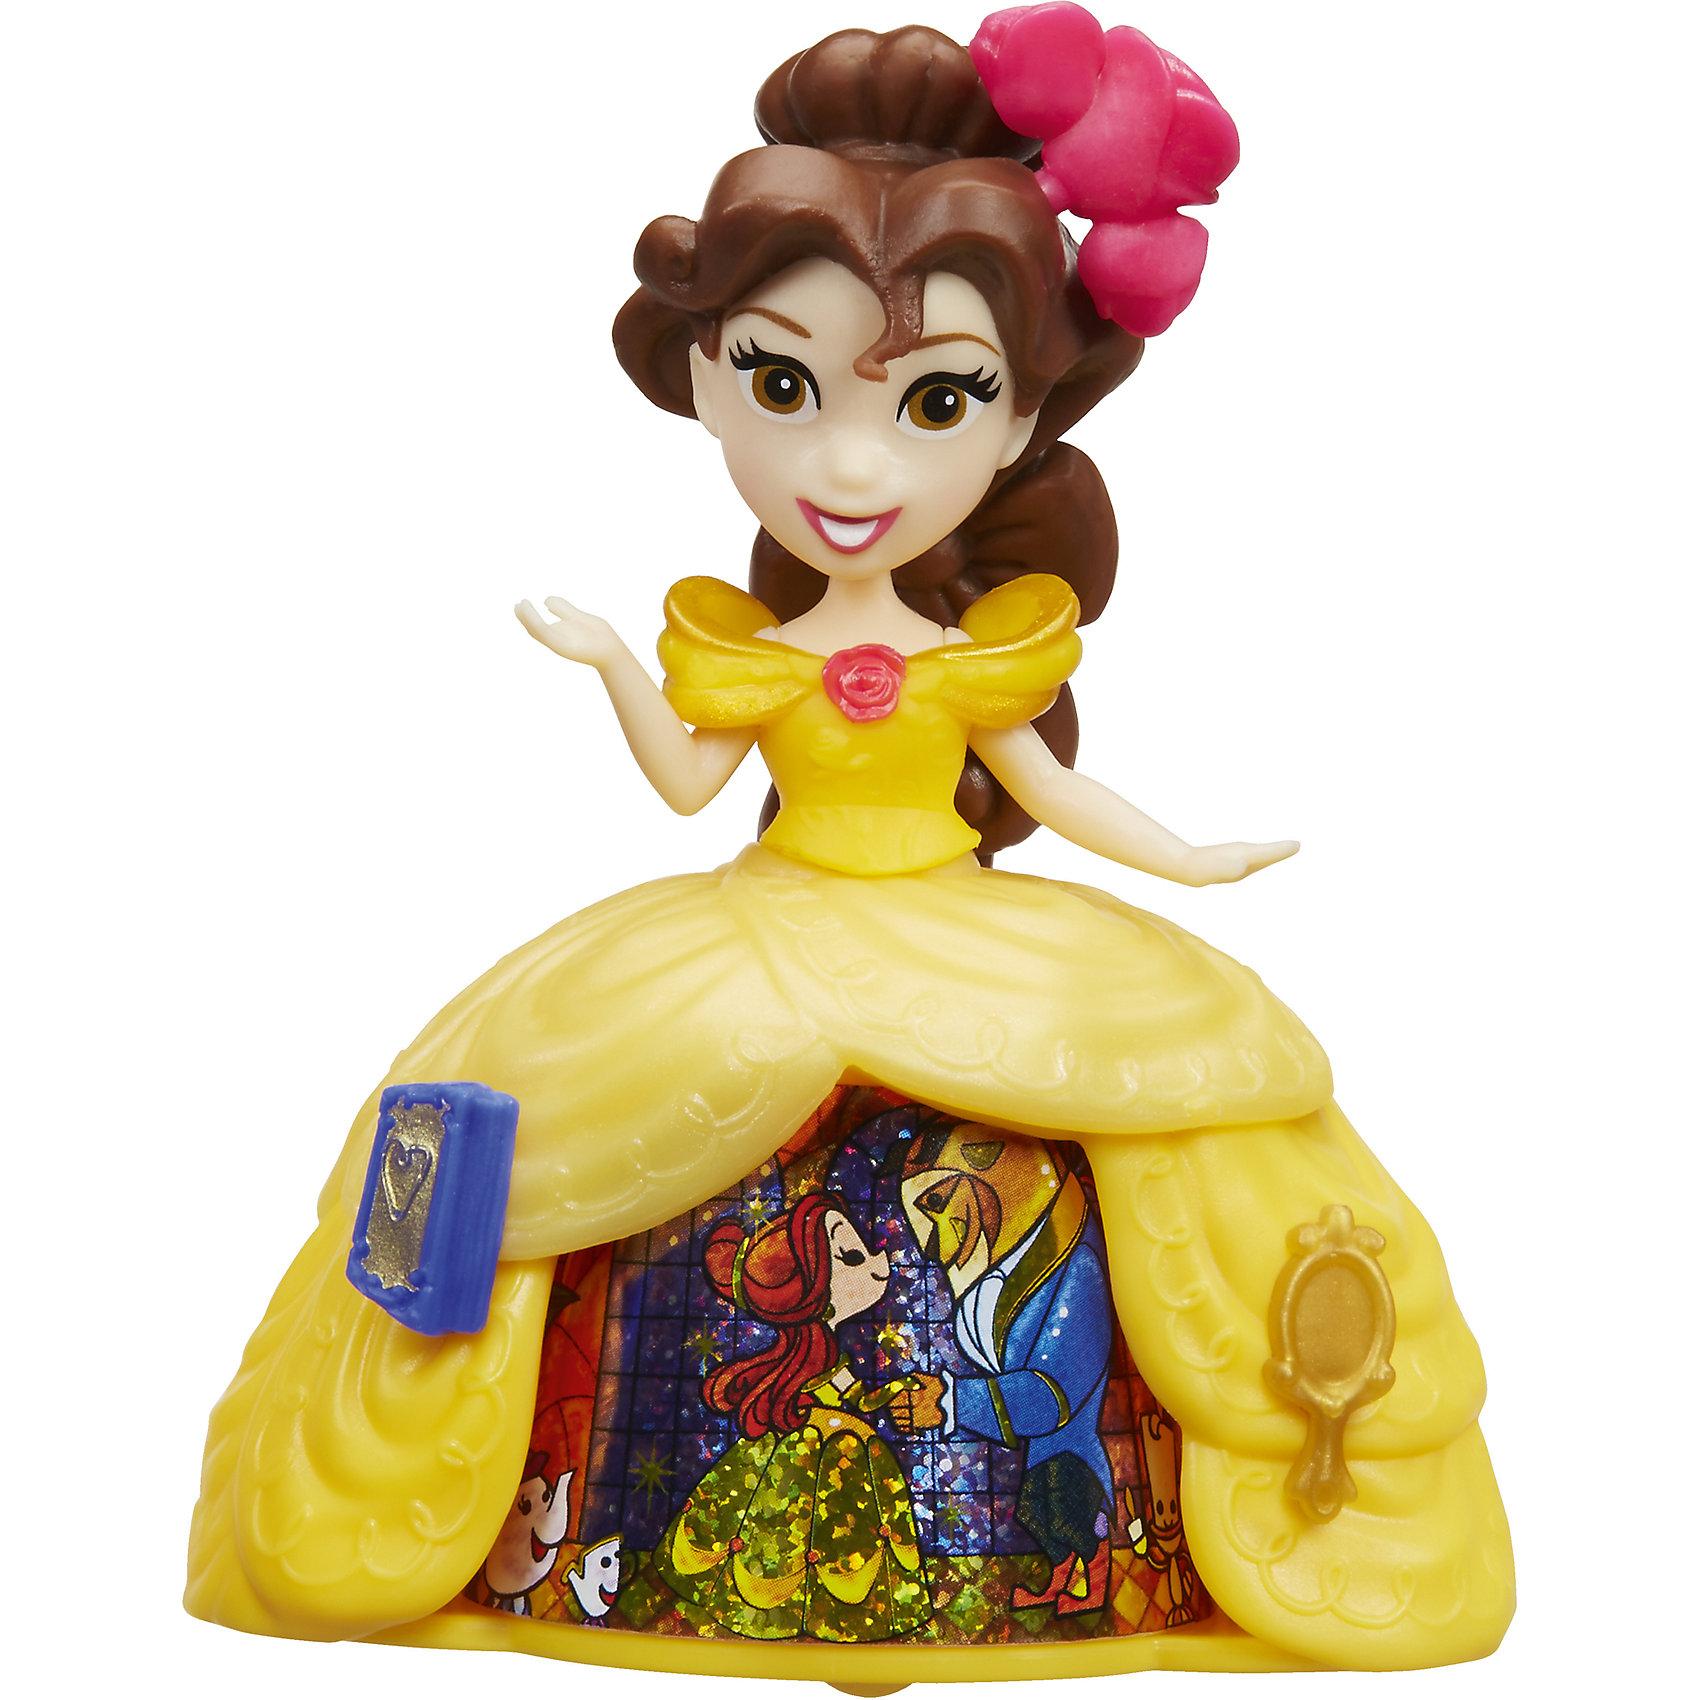 Кукла Принцесса в платье с волшебной юбкой Бель, Принцессы Дисней, HasbroИдеи подарков<br>Характеристики:<br><br>• возраст: от 4 лет;<br>• материал: пластик;<br>• в комплекте: кукла;<br>• размер упаковки: 17,8х17,8х5,7 см;<br>• вес упаковки: 104 гр.;<br>• страна производитель: Китай.<br><br>Кукла «Принцесса в платье с волшебной юбкой» Hasbro — главная героиня мультфильма Дисней «Красавица и чудовище» принцесса Бэлль. Она одета в желтое платье с необычной волшебной юбкой. Если покатить куклу, то девочка сможет увидеть, как 3 известные сценки из мультфильма сменяют друг друга. <br><br>Куклу «Принцесса в платье с волшебной юбкой» Hasbro можно приобрести в нашем интернет-магазине.<br><br>Ширина мм: 57<br>Глубина мм: 178<br>Высота мм: 178<br>Вес г: 104<br>Возраст от месяцев: 48<br>Возраст до месяцев: 2147483647<br>Пол: Женский<br>Возраст: Детский<br>SKU: 6753126